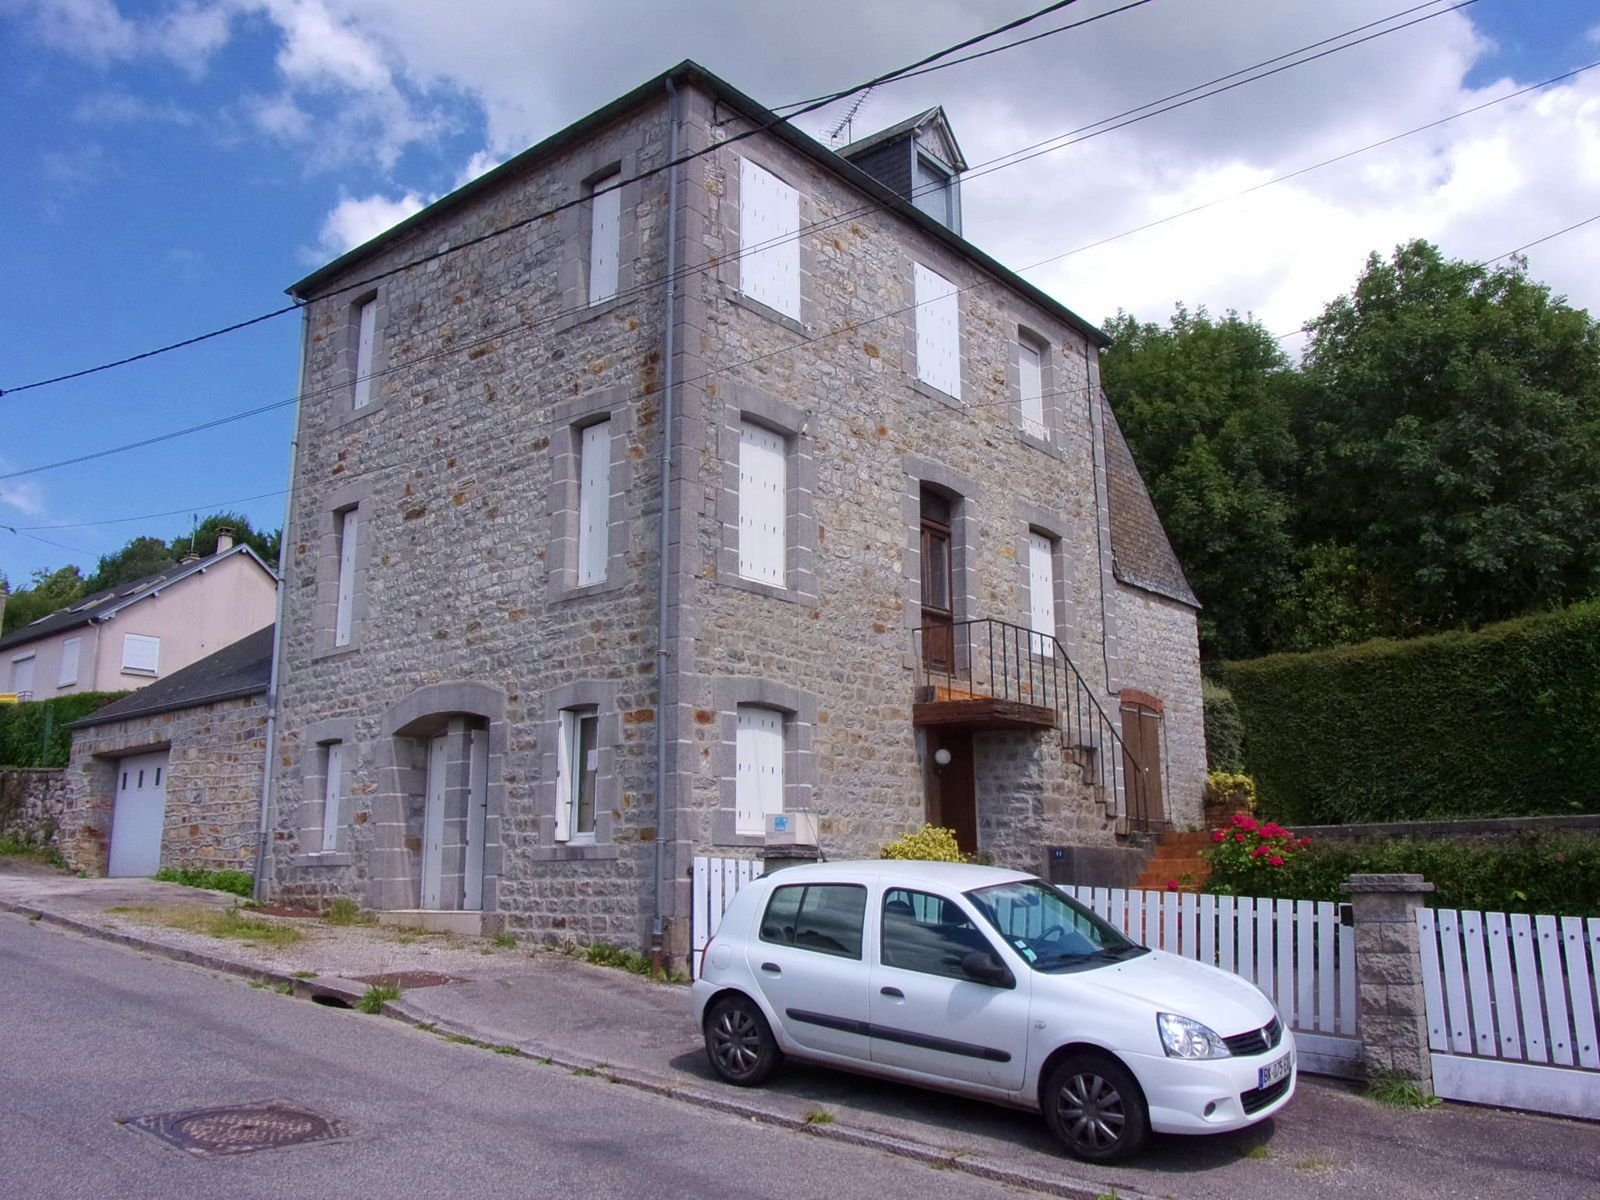 Vends Maison familiale Mortain-Bocage (50) - 5chambres 141m²